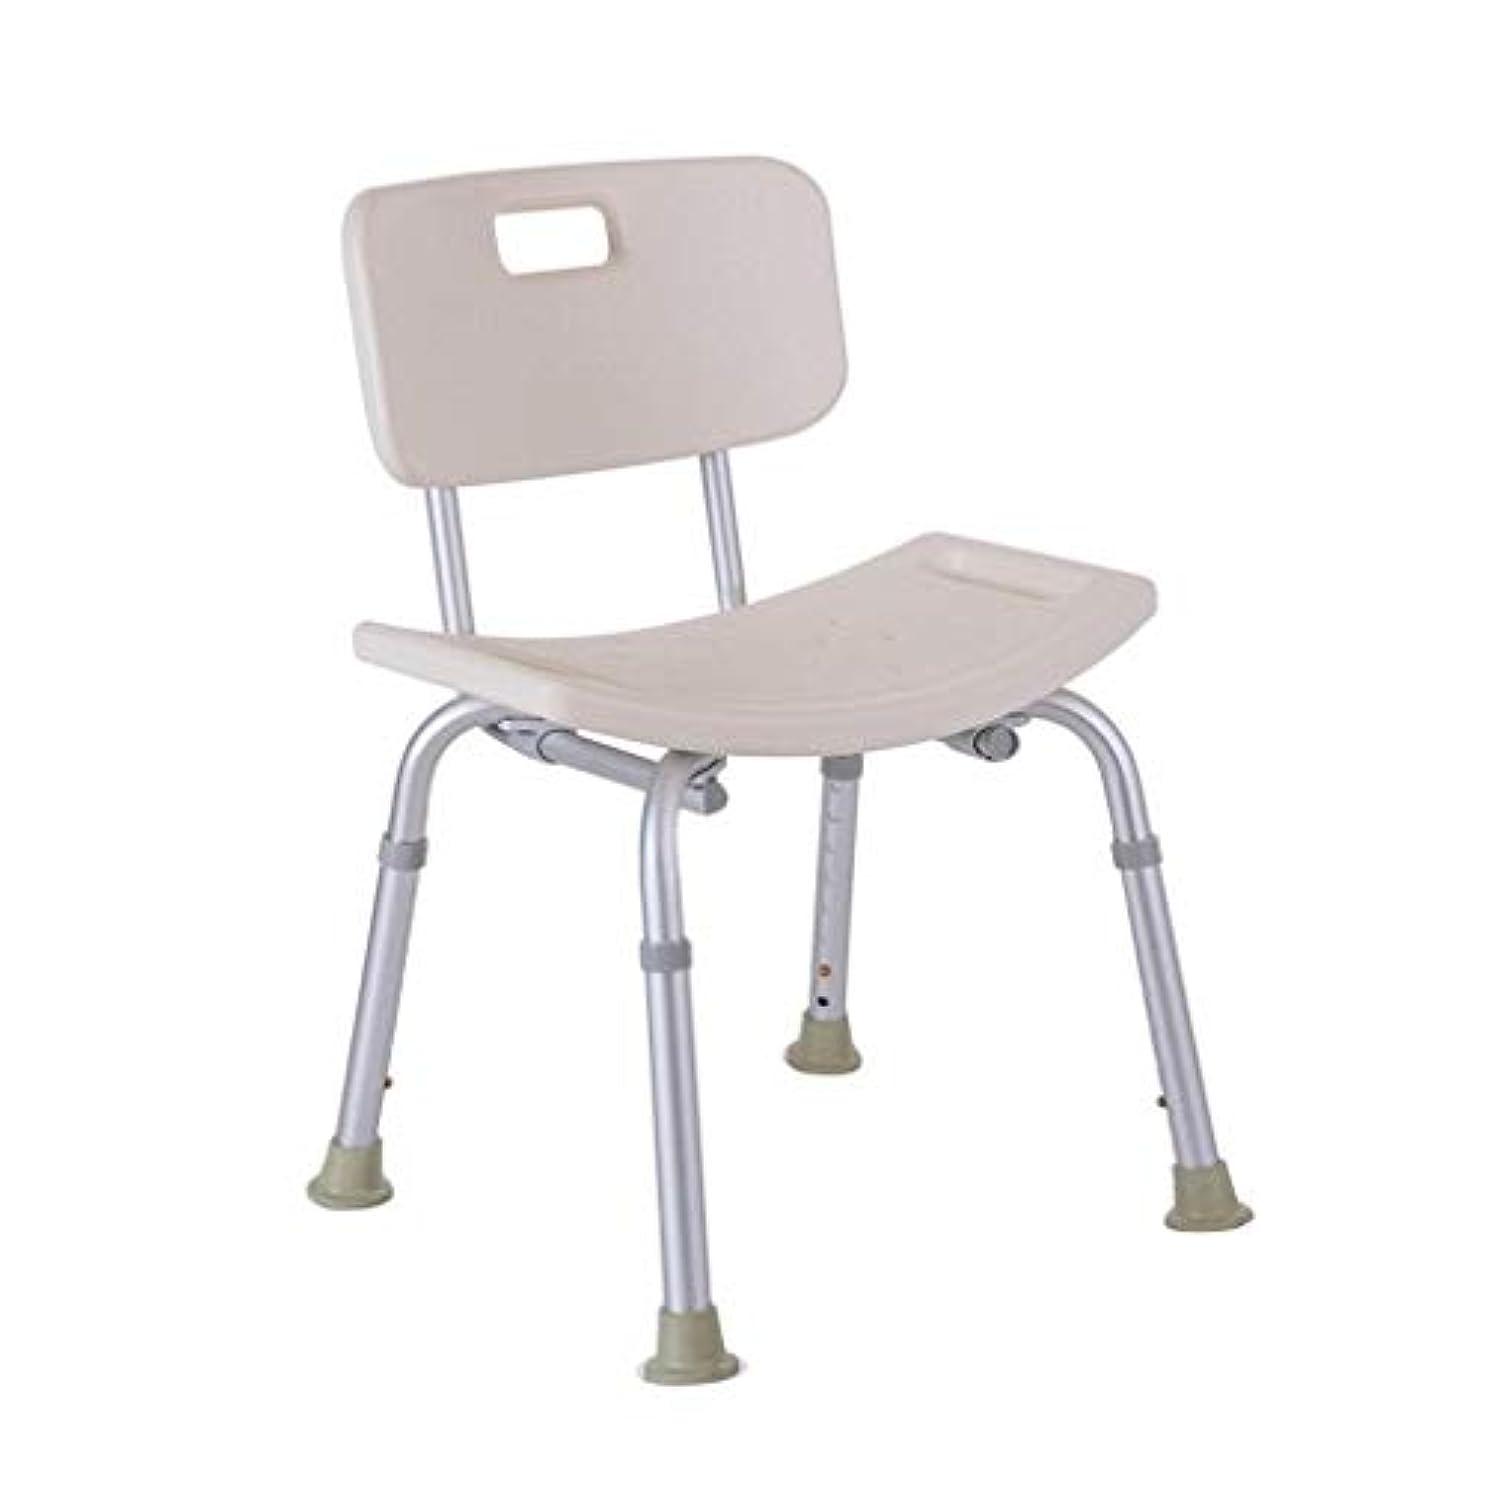 メトロポリタン上級ベイビーお風呂の椅子、背もたれ付き調節可能な高さ